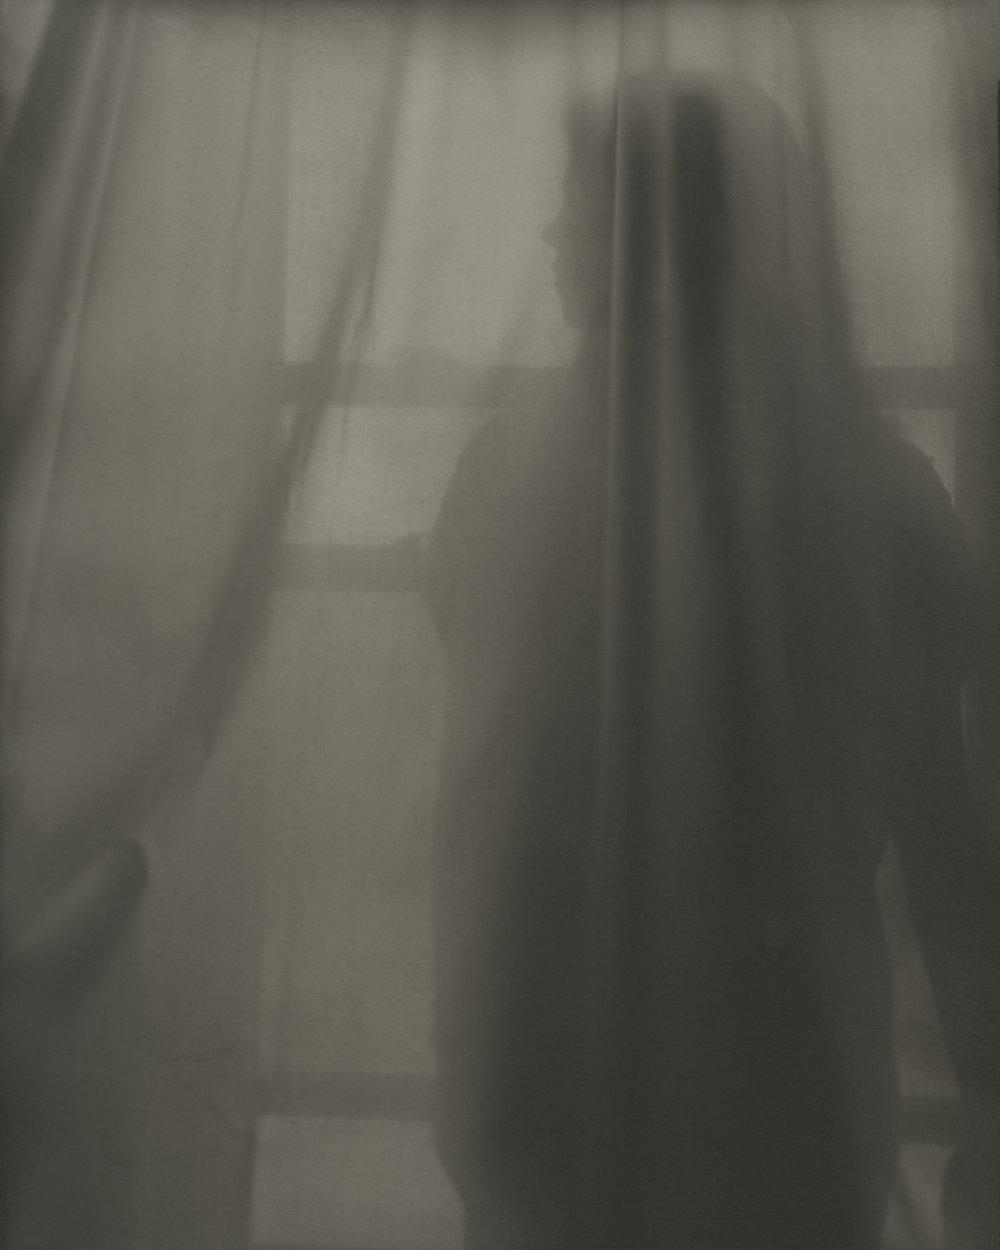 Sofi Behind Curtain